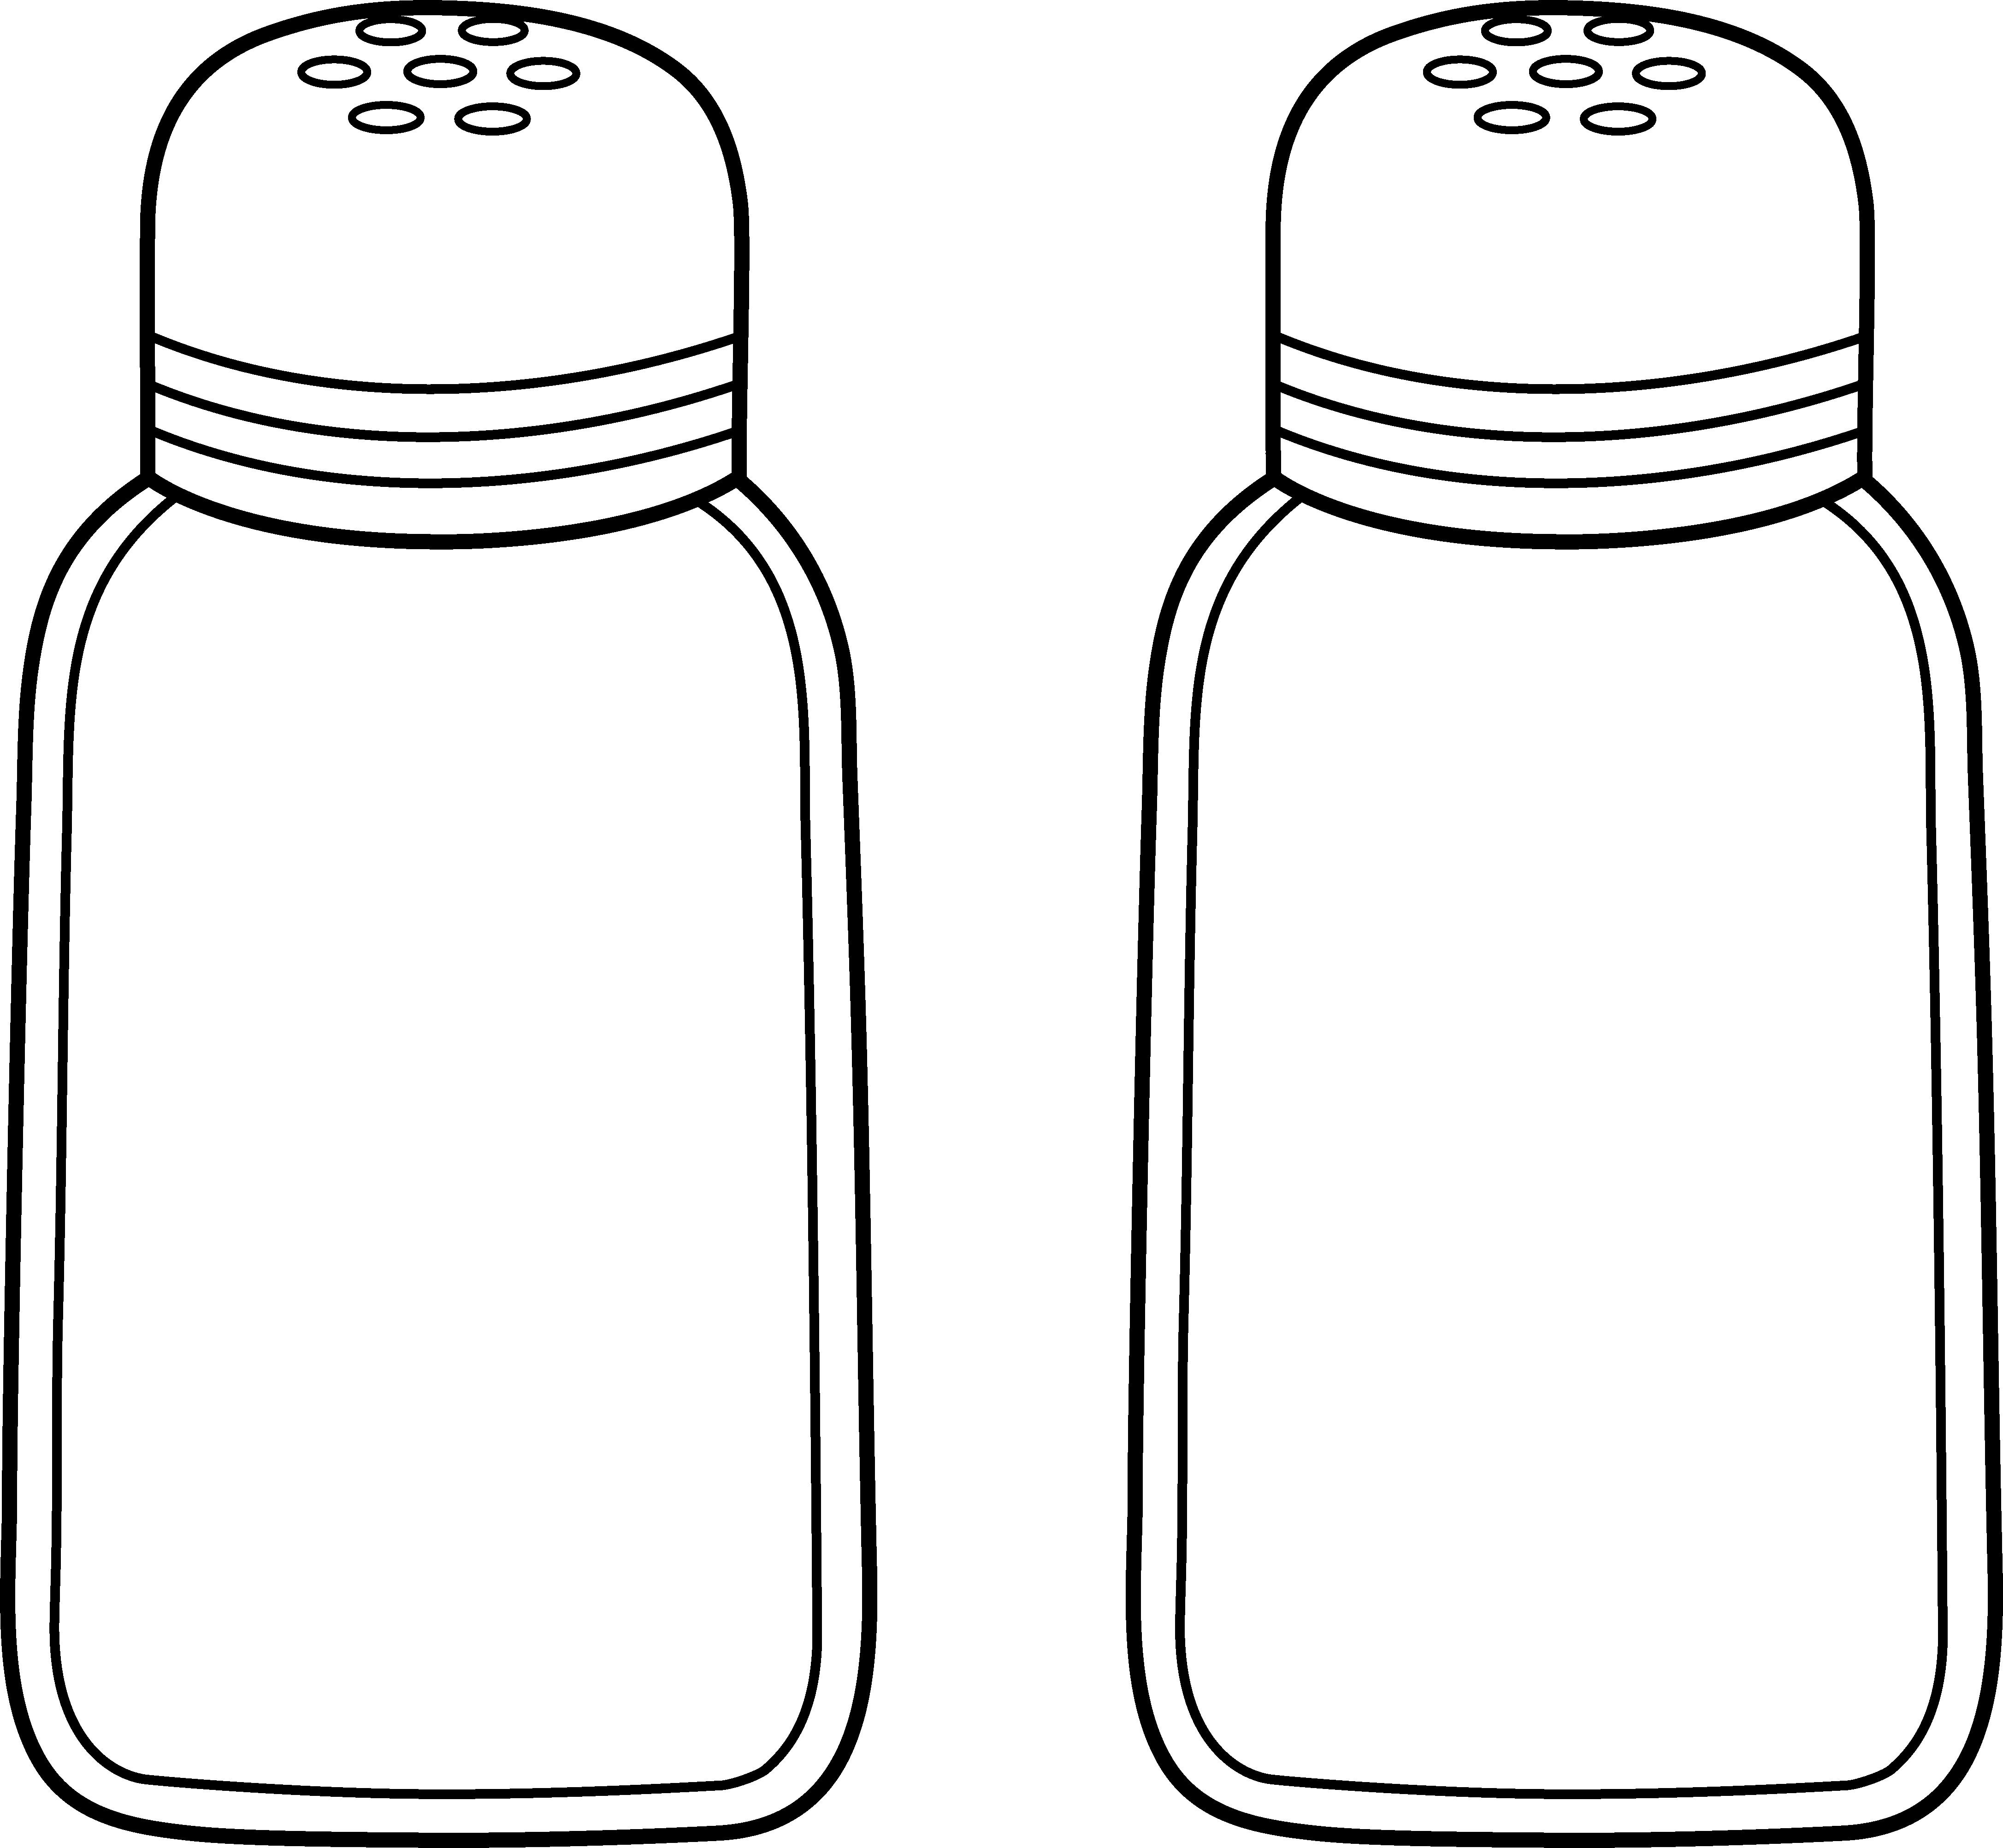 Pepper clipart salt and pepper Clip and Salt Pepper Art